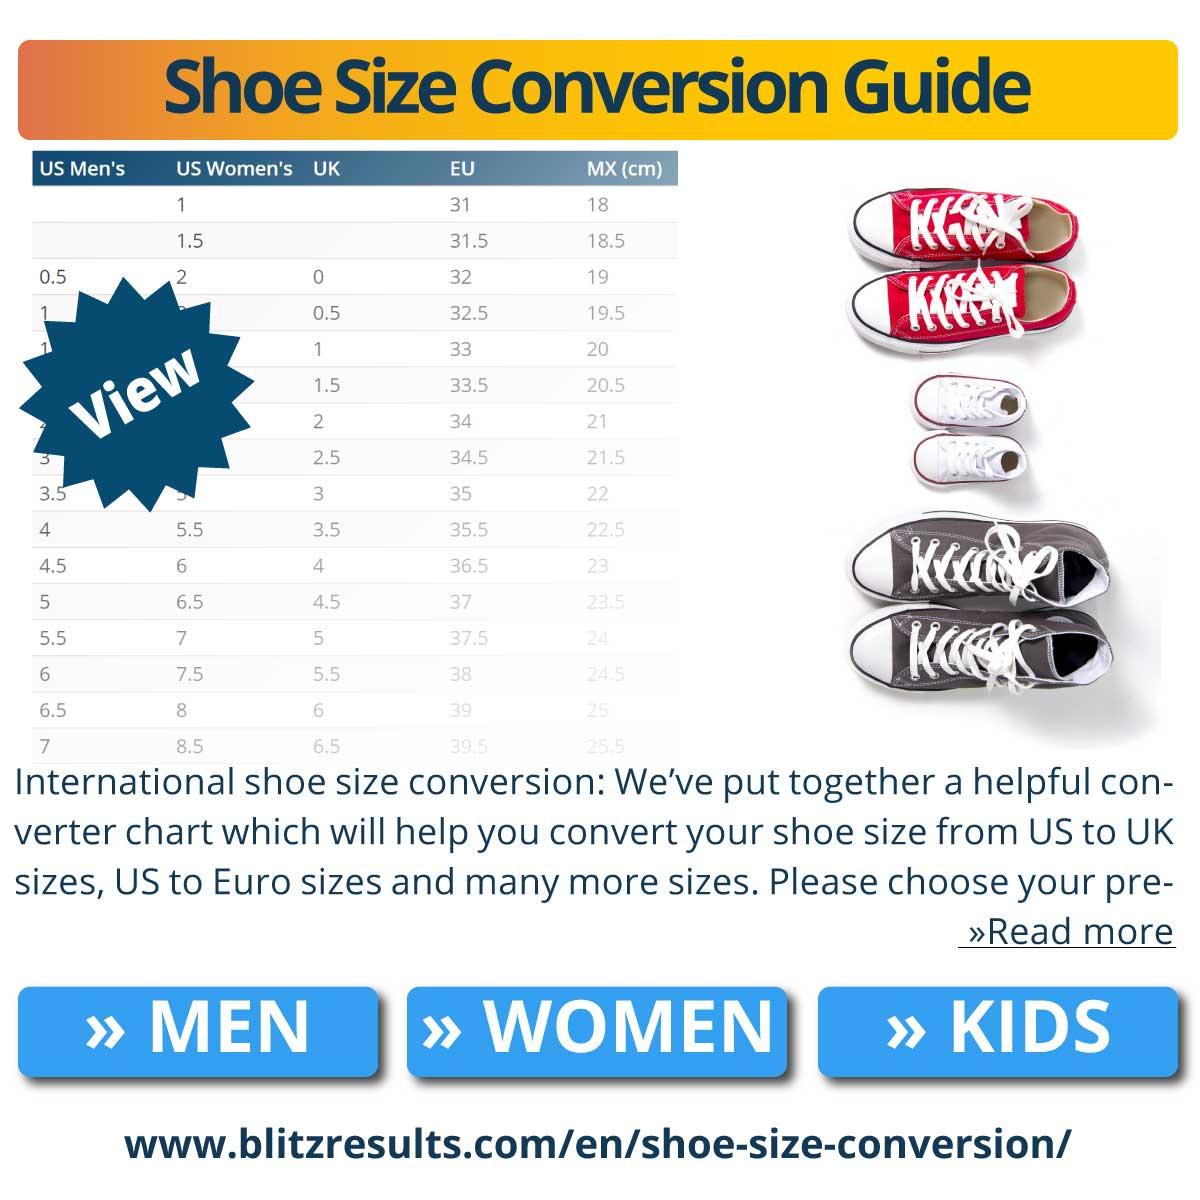 Shoe Size Conversion Guide